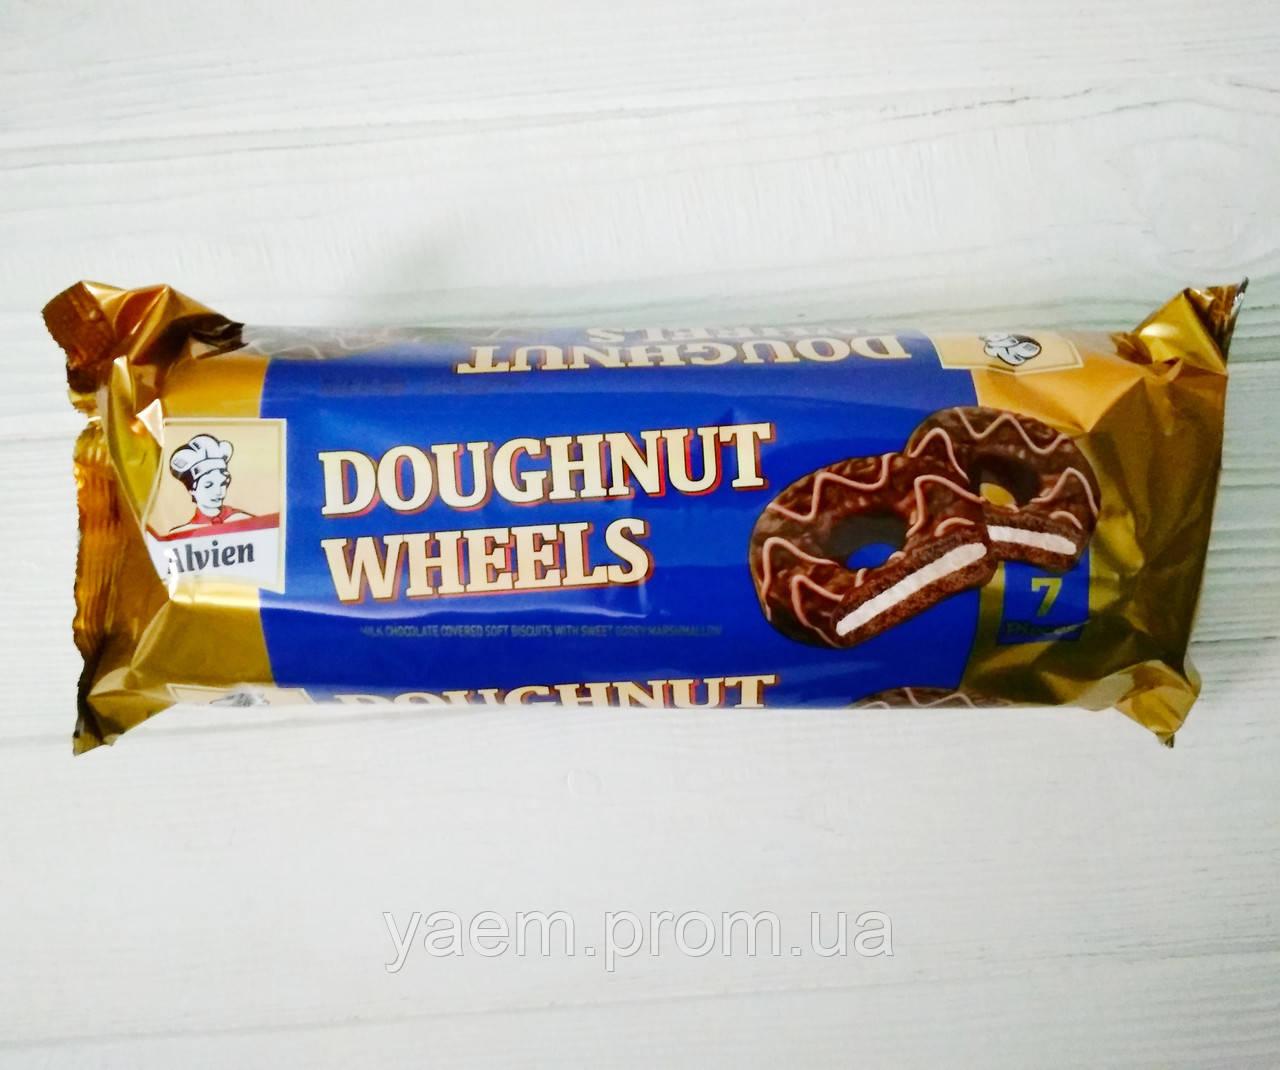 Шоколадное печенье с зефиром Alvien Doughnut Wheels, 7шт (Турция)